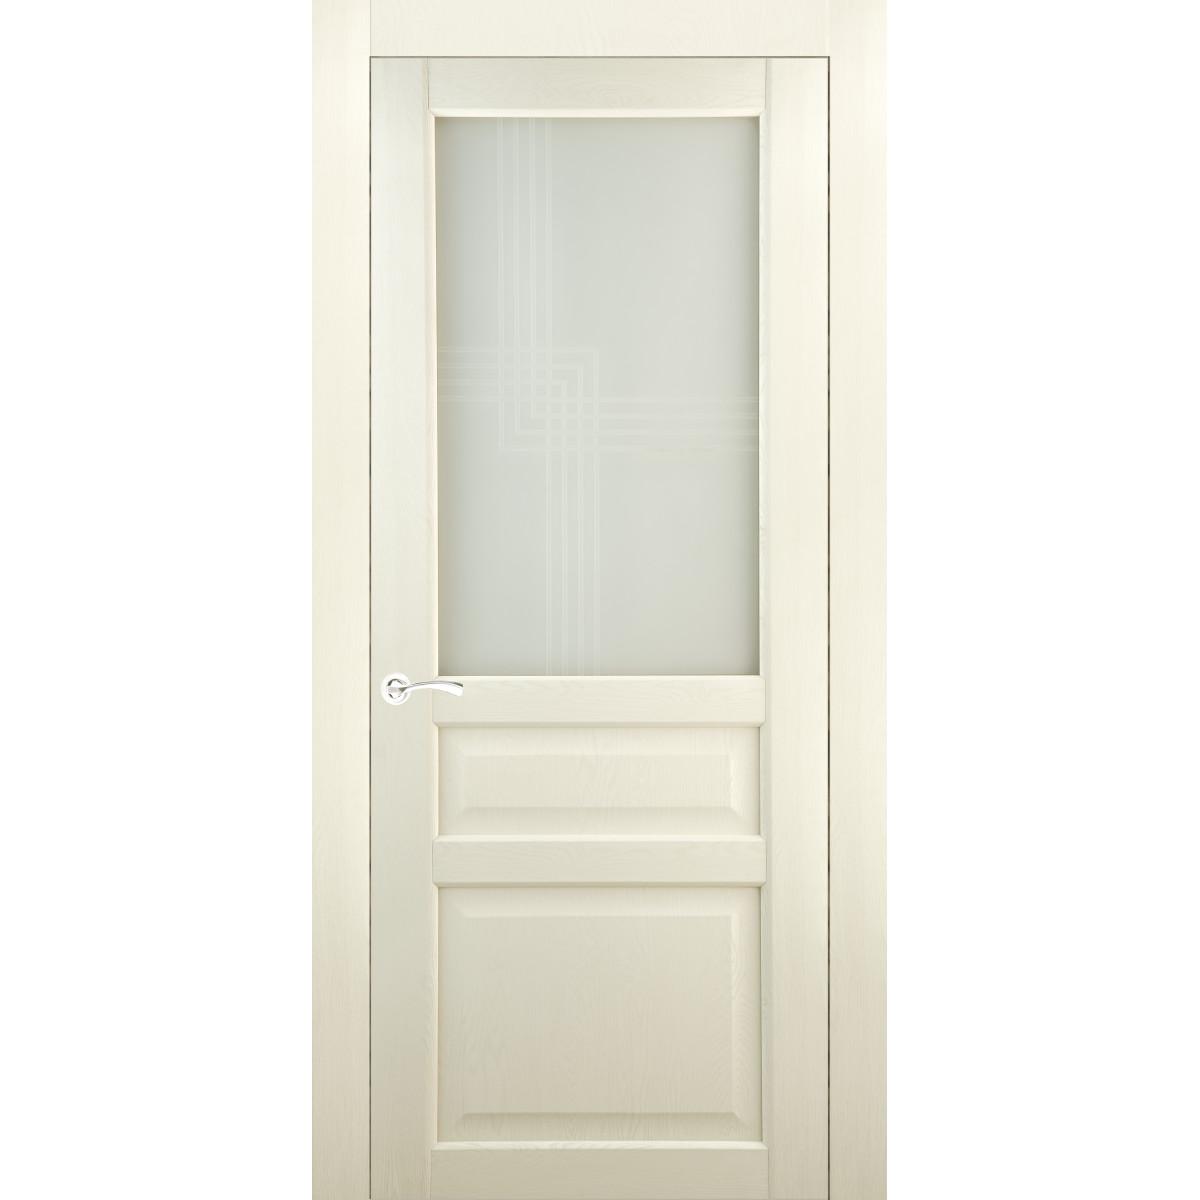 Дверь Межкомнатная Остеклённая Artens Мария 60x200 Пвх Цвет Айвори С Фурнитурой